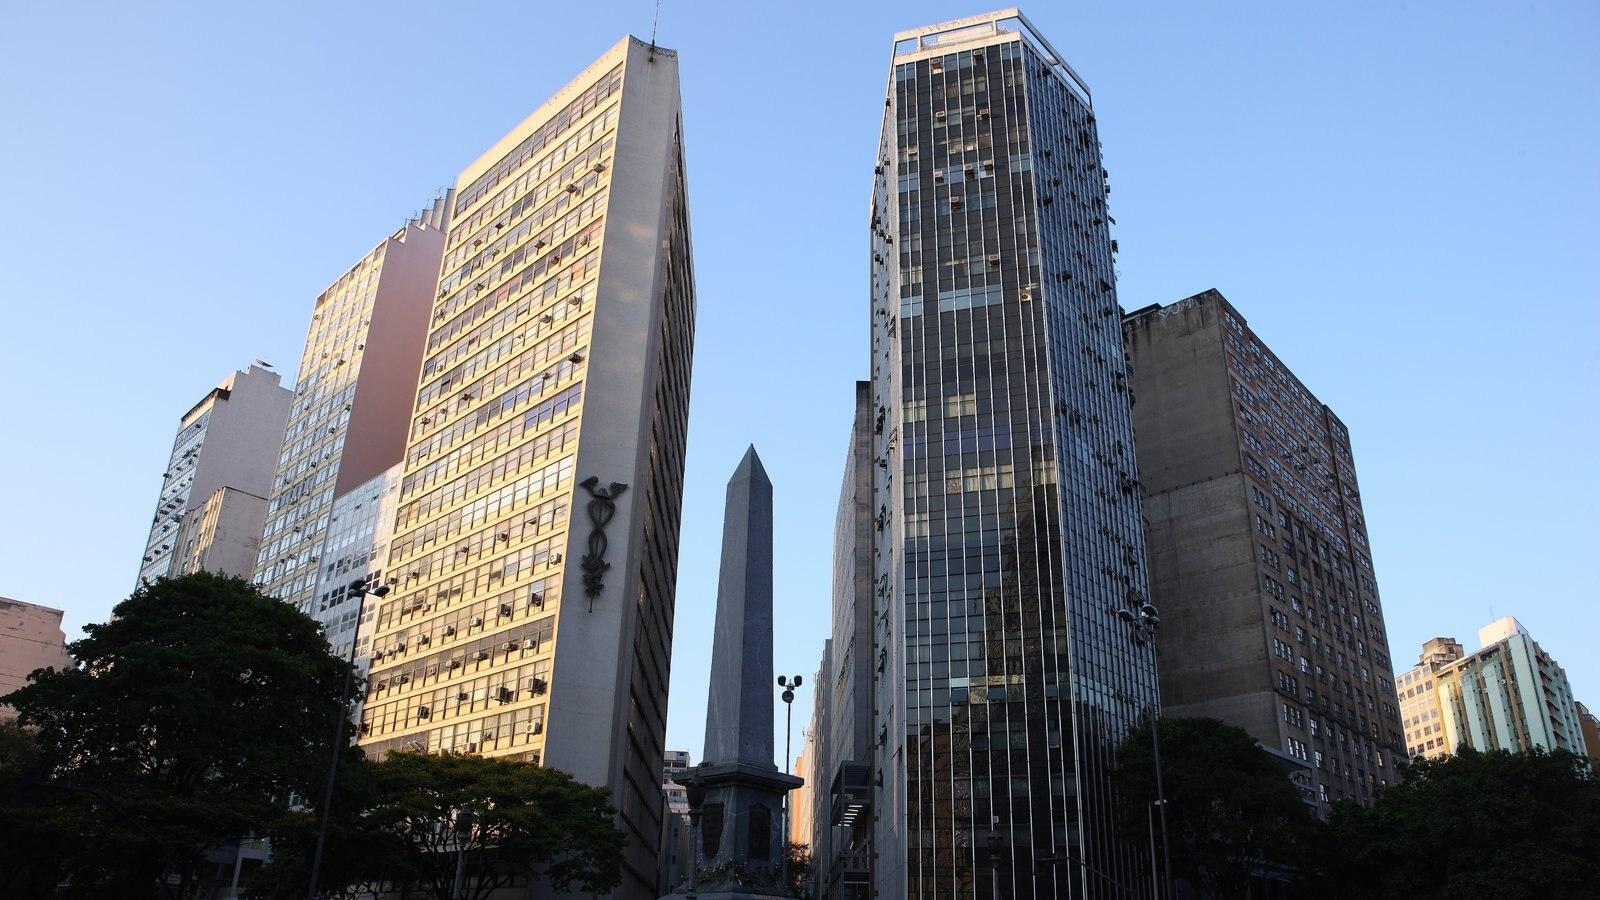 Belo Horizonte mostrando uma cidade e um edifício